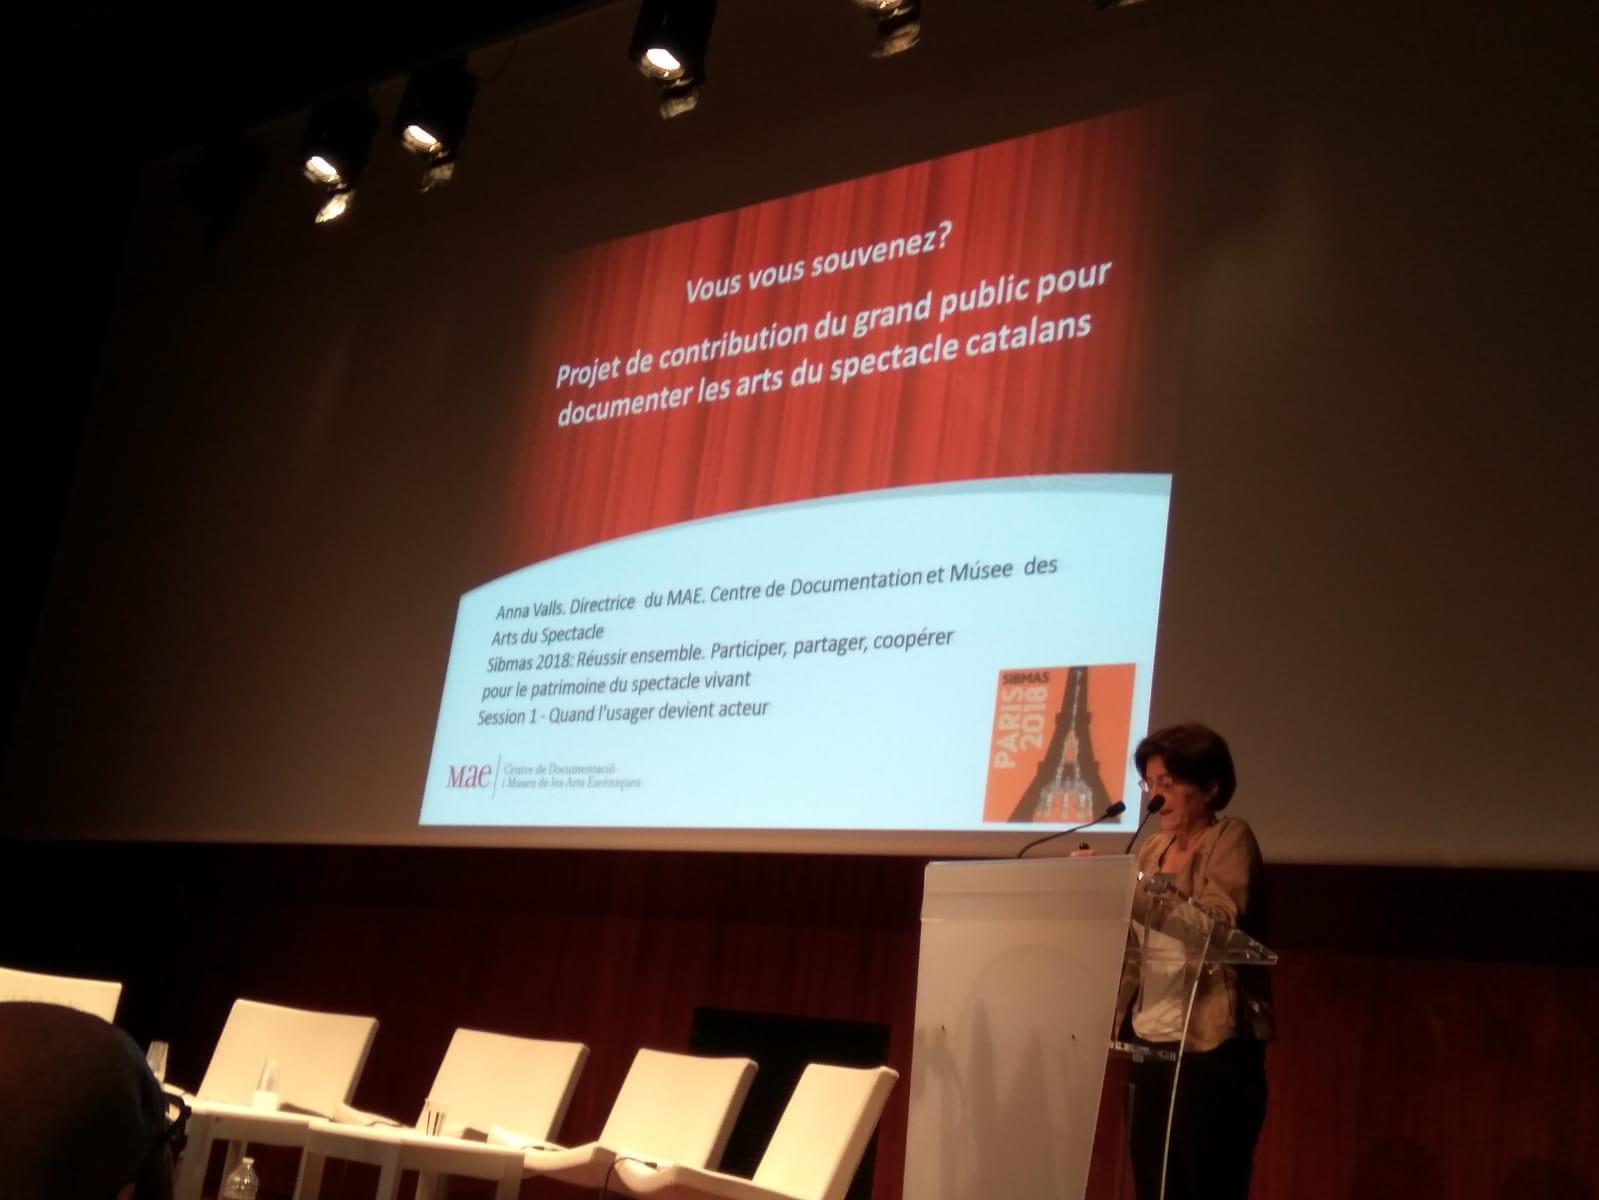 Anna Valls al Congrés SIBMAS 2018 de París (de 5 al 8 juny)